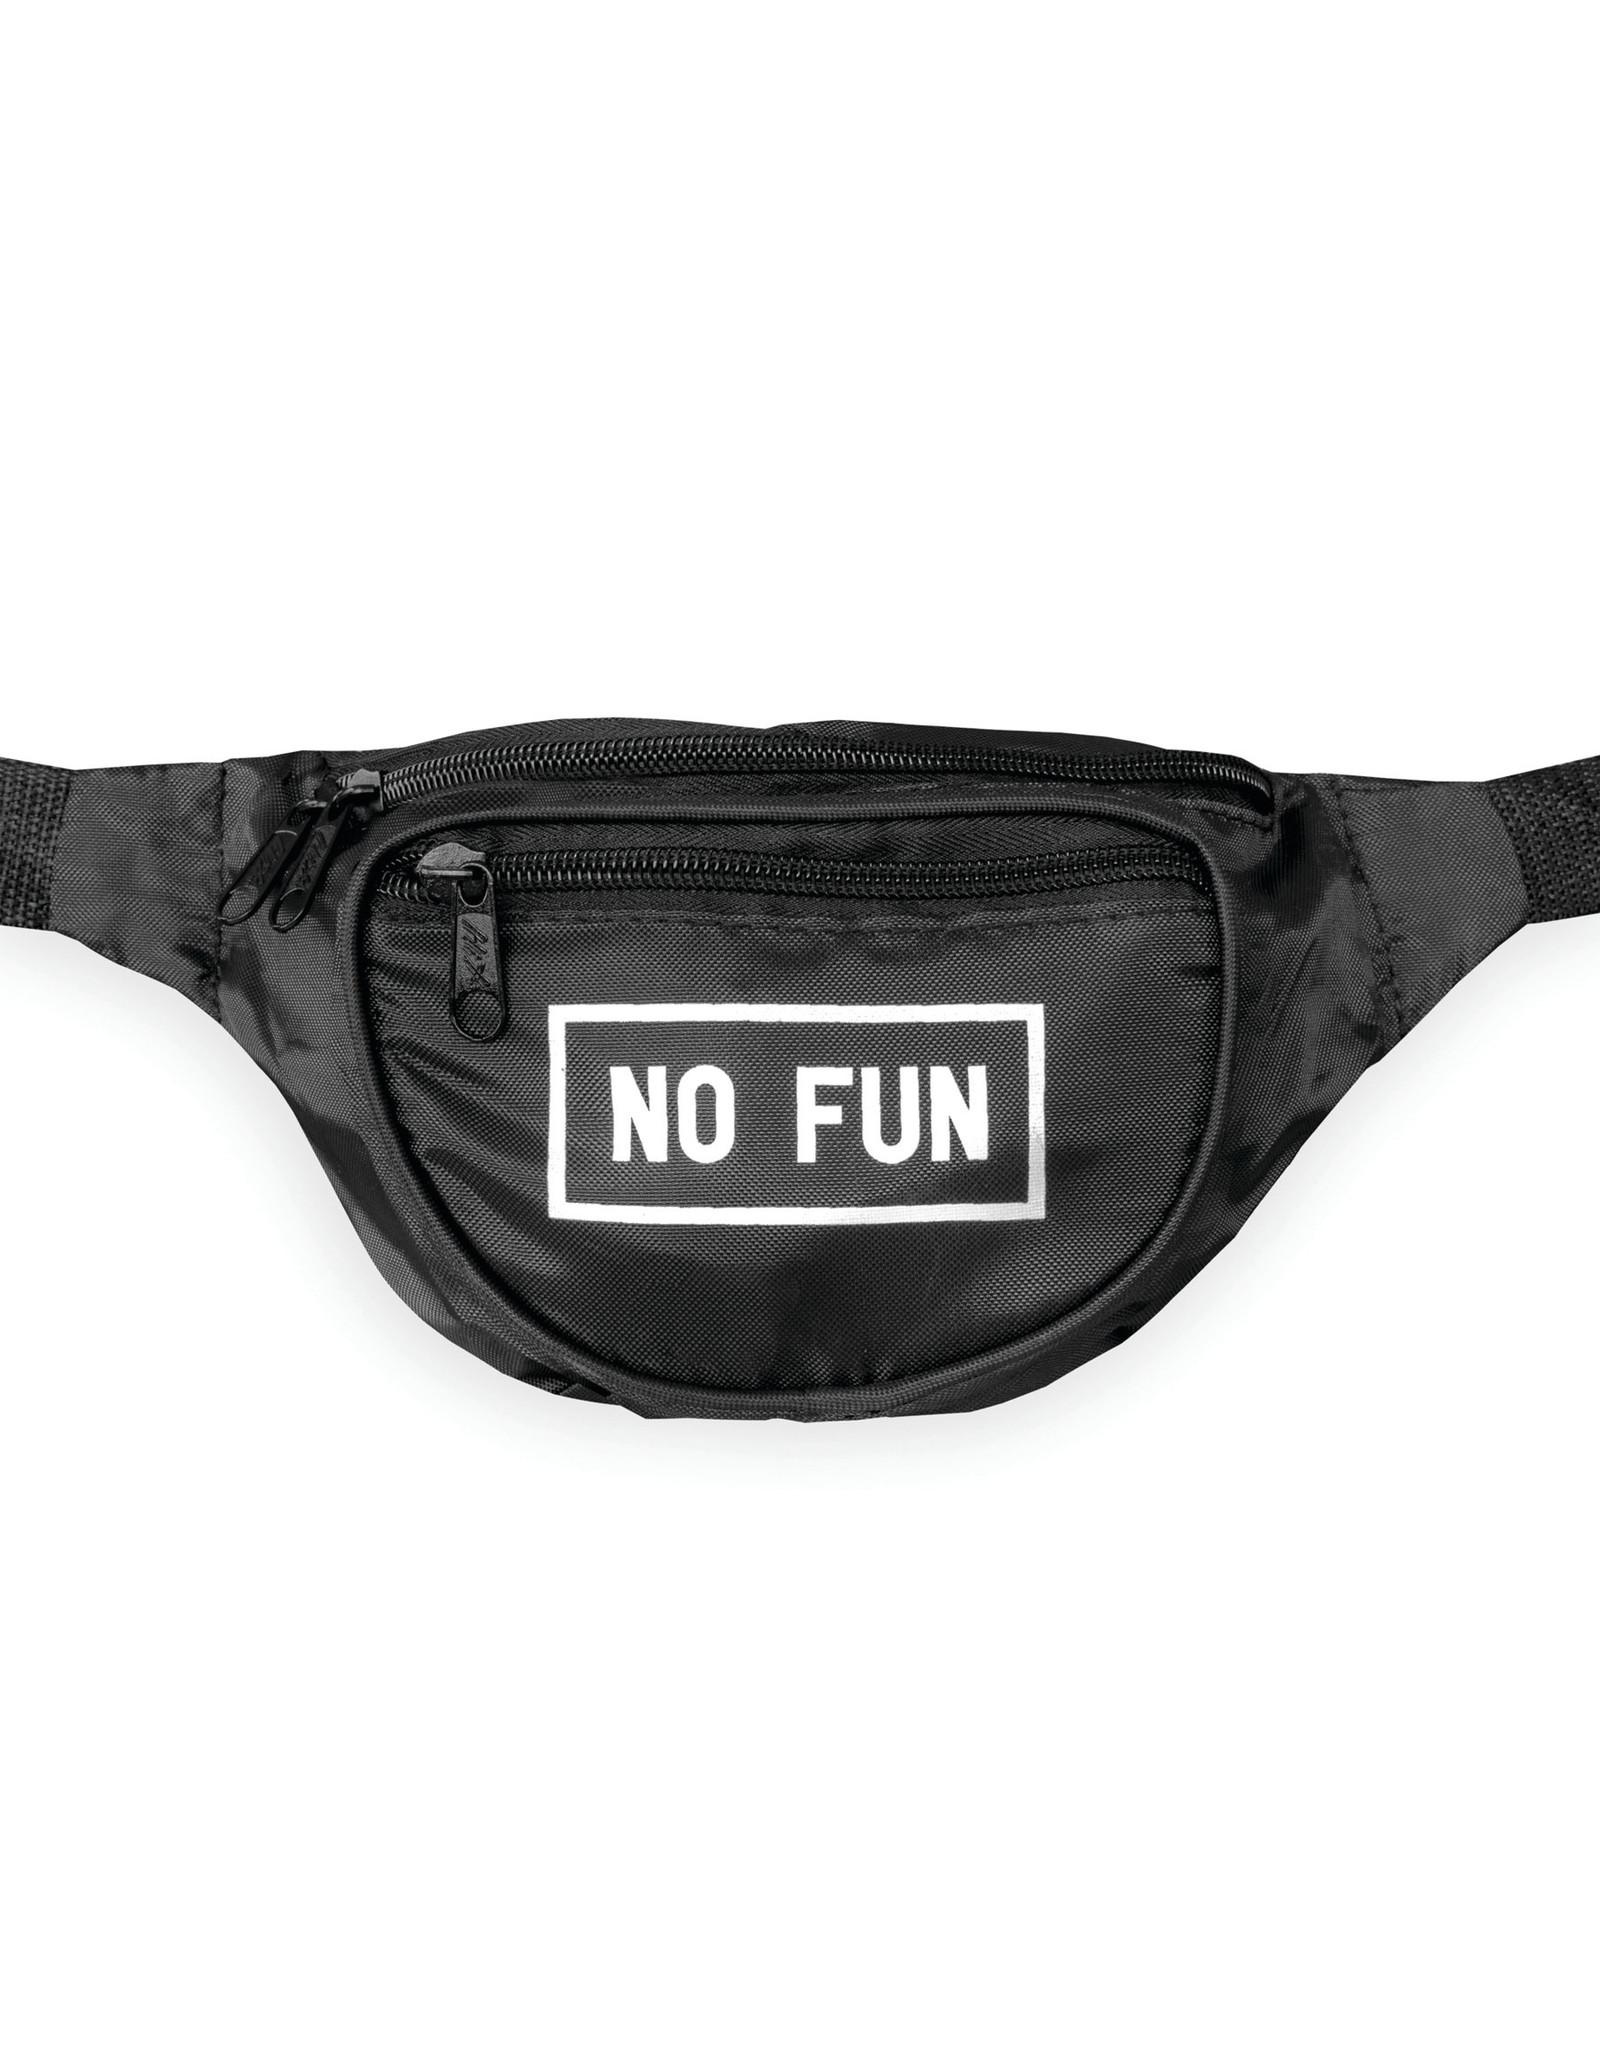 No Fun Bummer Bag